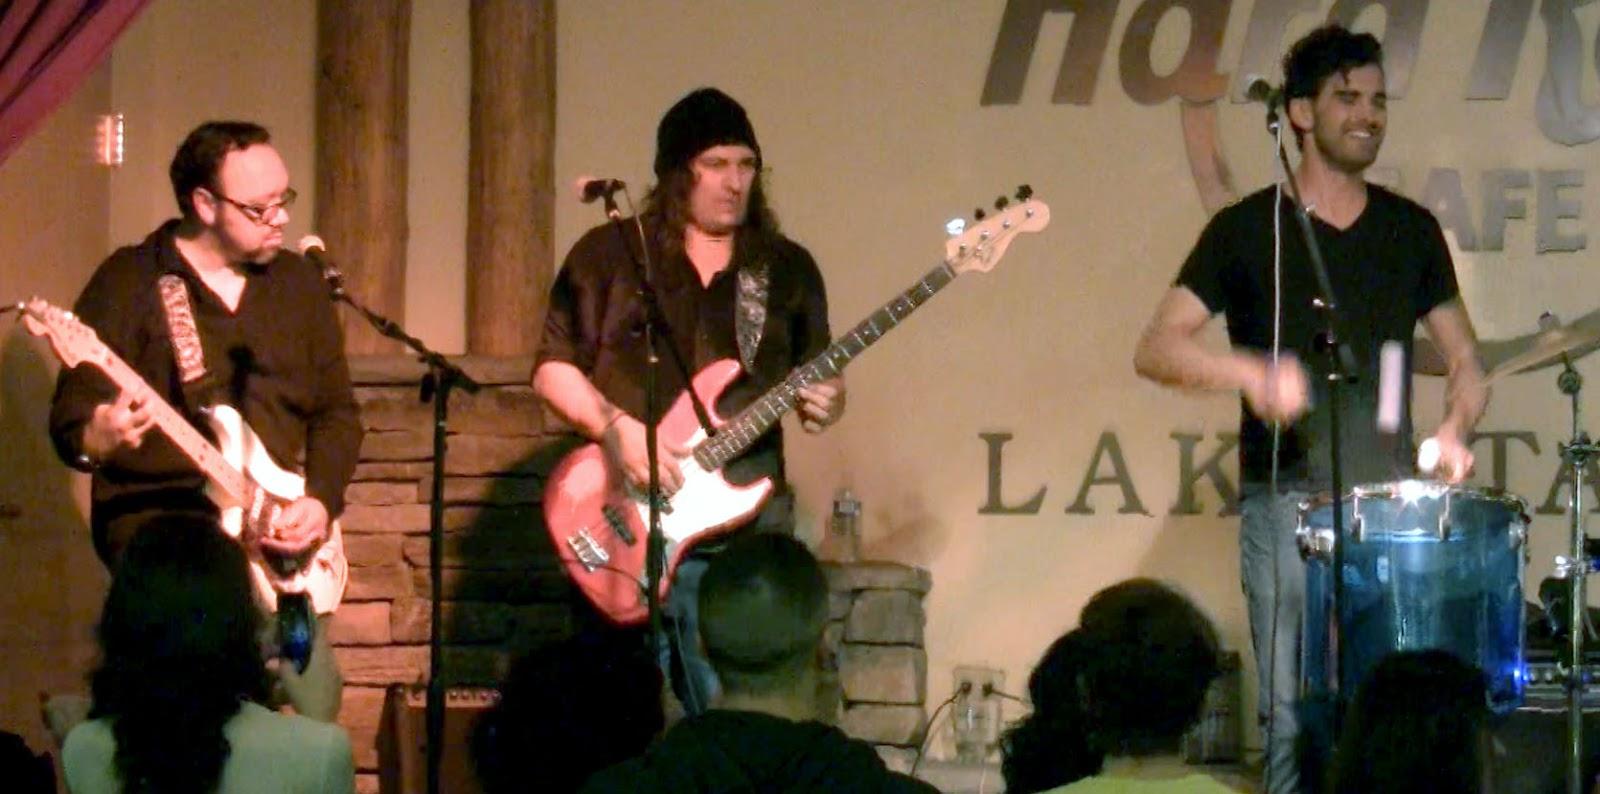 Hard Rock Cafe Denver Battle Of The Bands